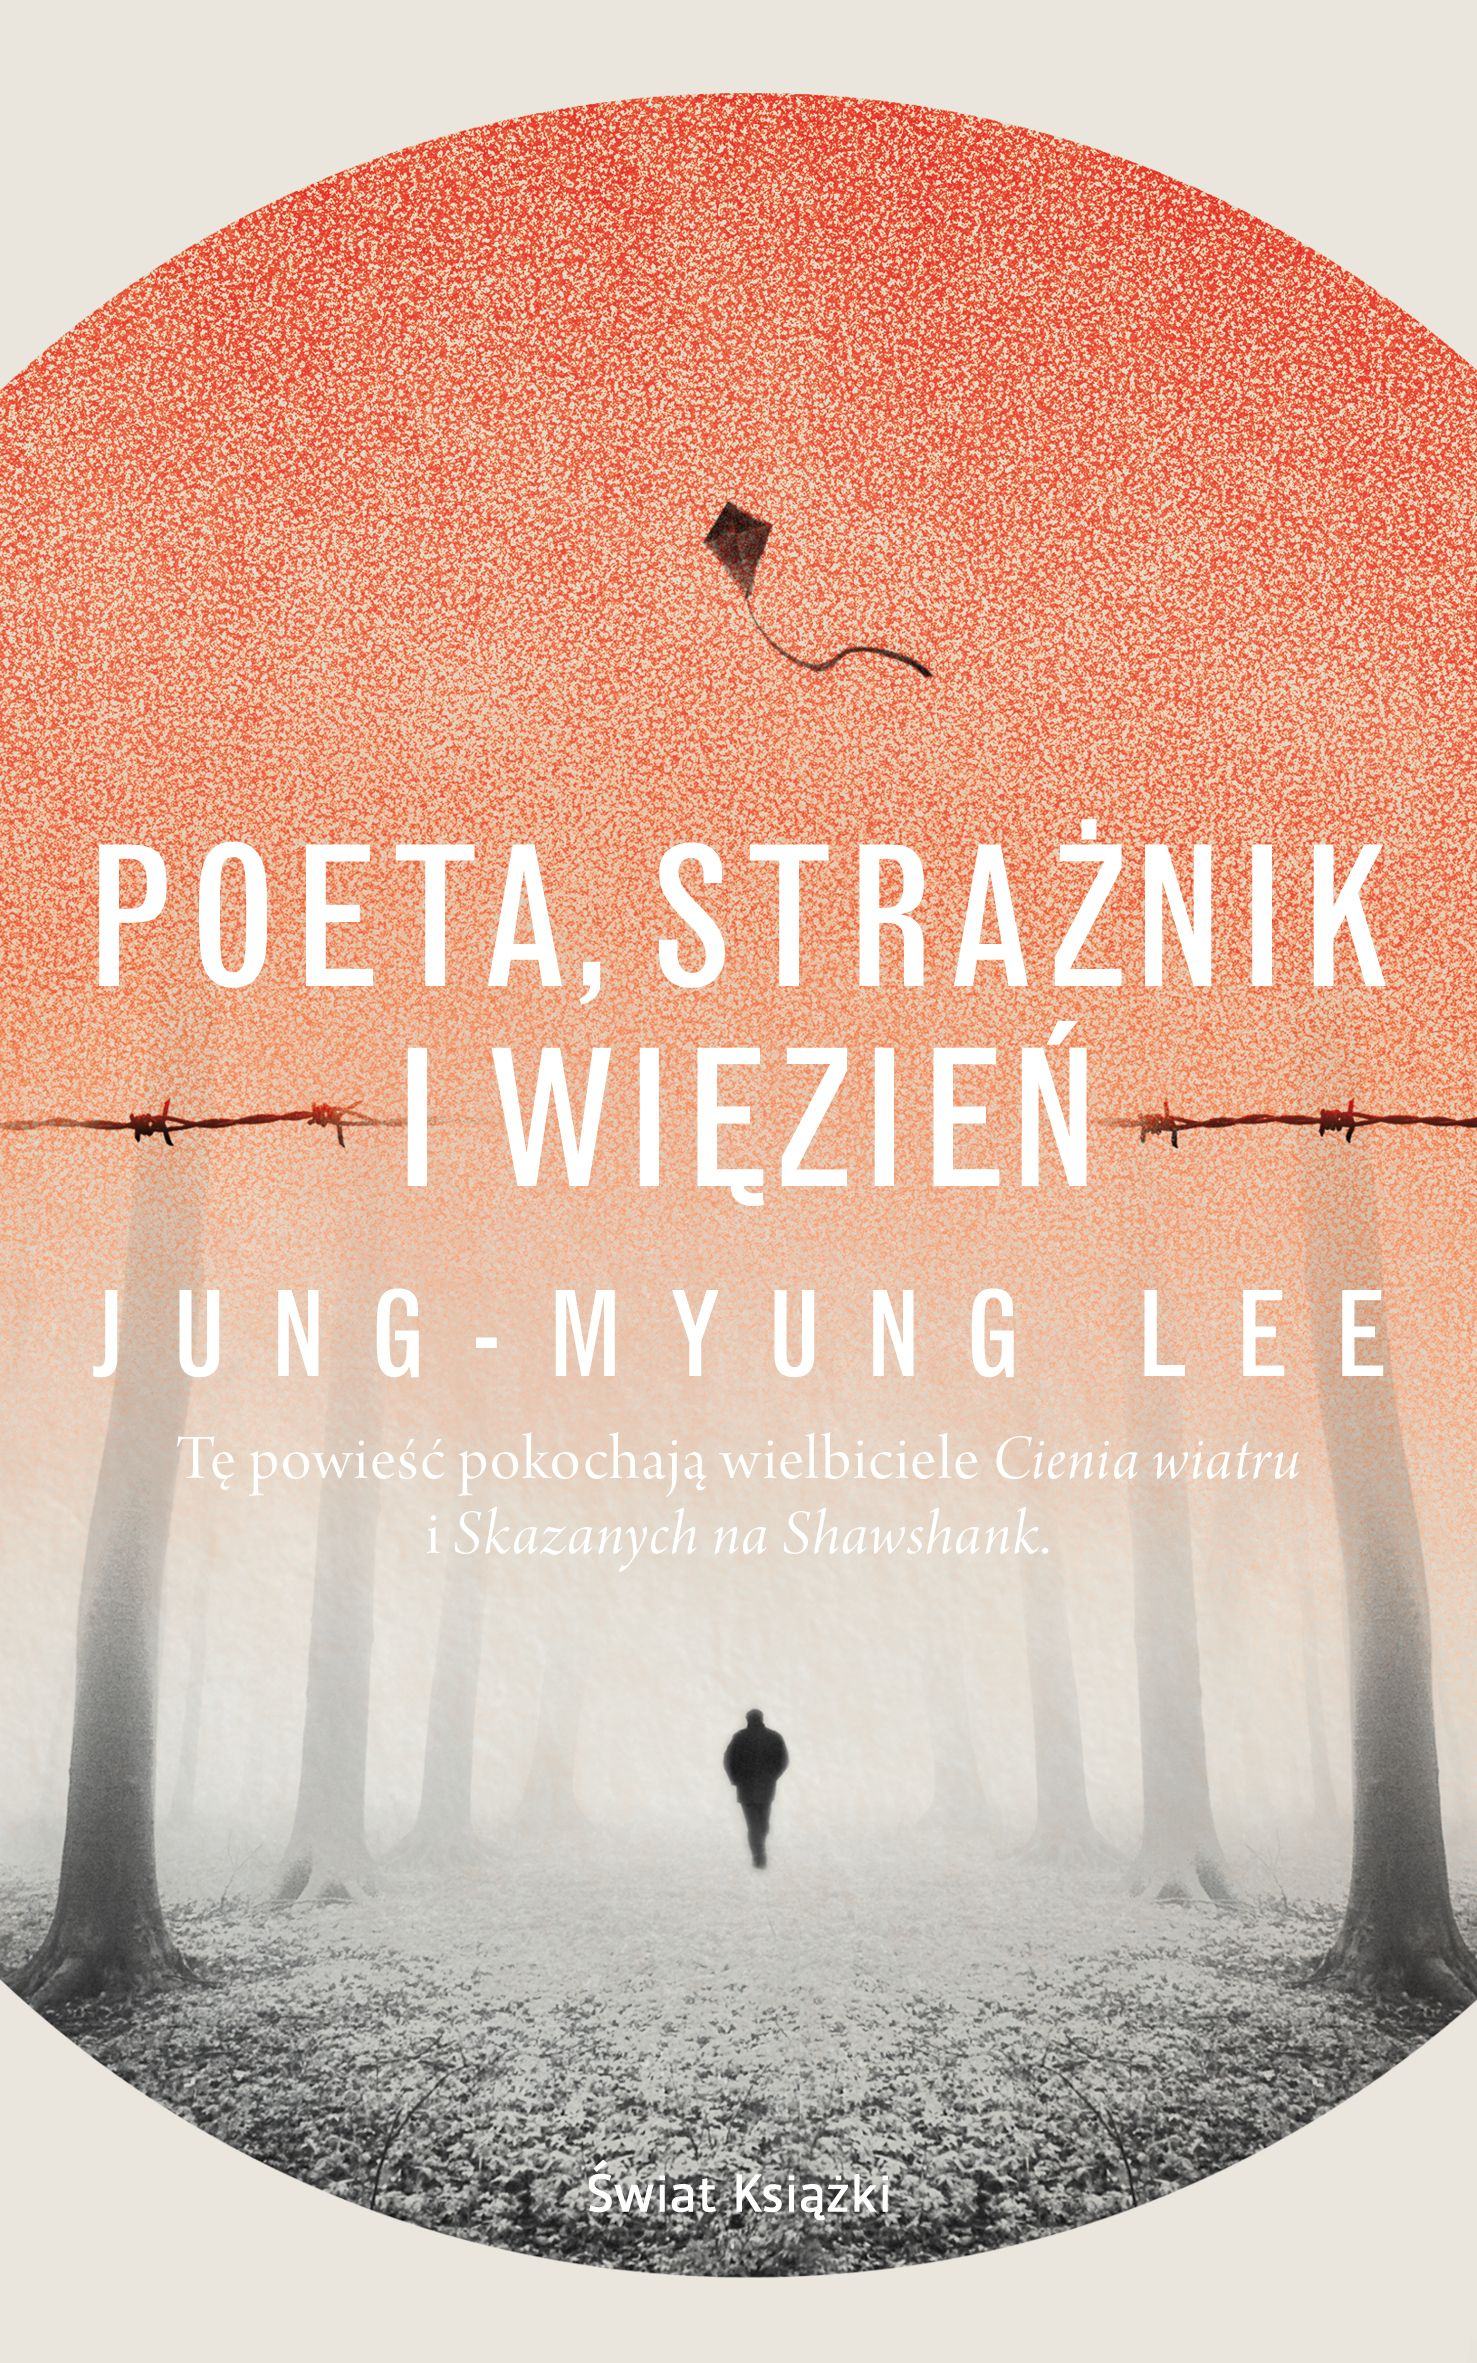 """Inspirację do napisania artykułu stanowiła powieść Jung-Myung Lee pod tytułem """"Poeta, strażnik i więzień"""" (Świat Książki 2016)."""